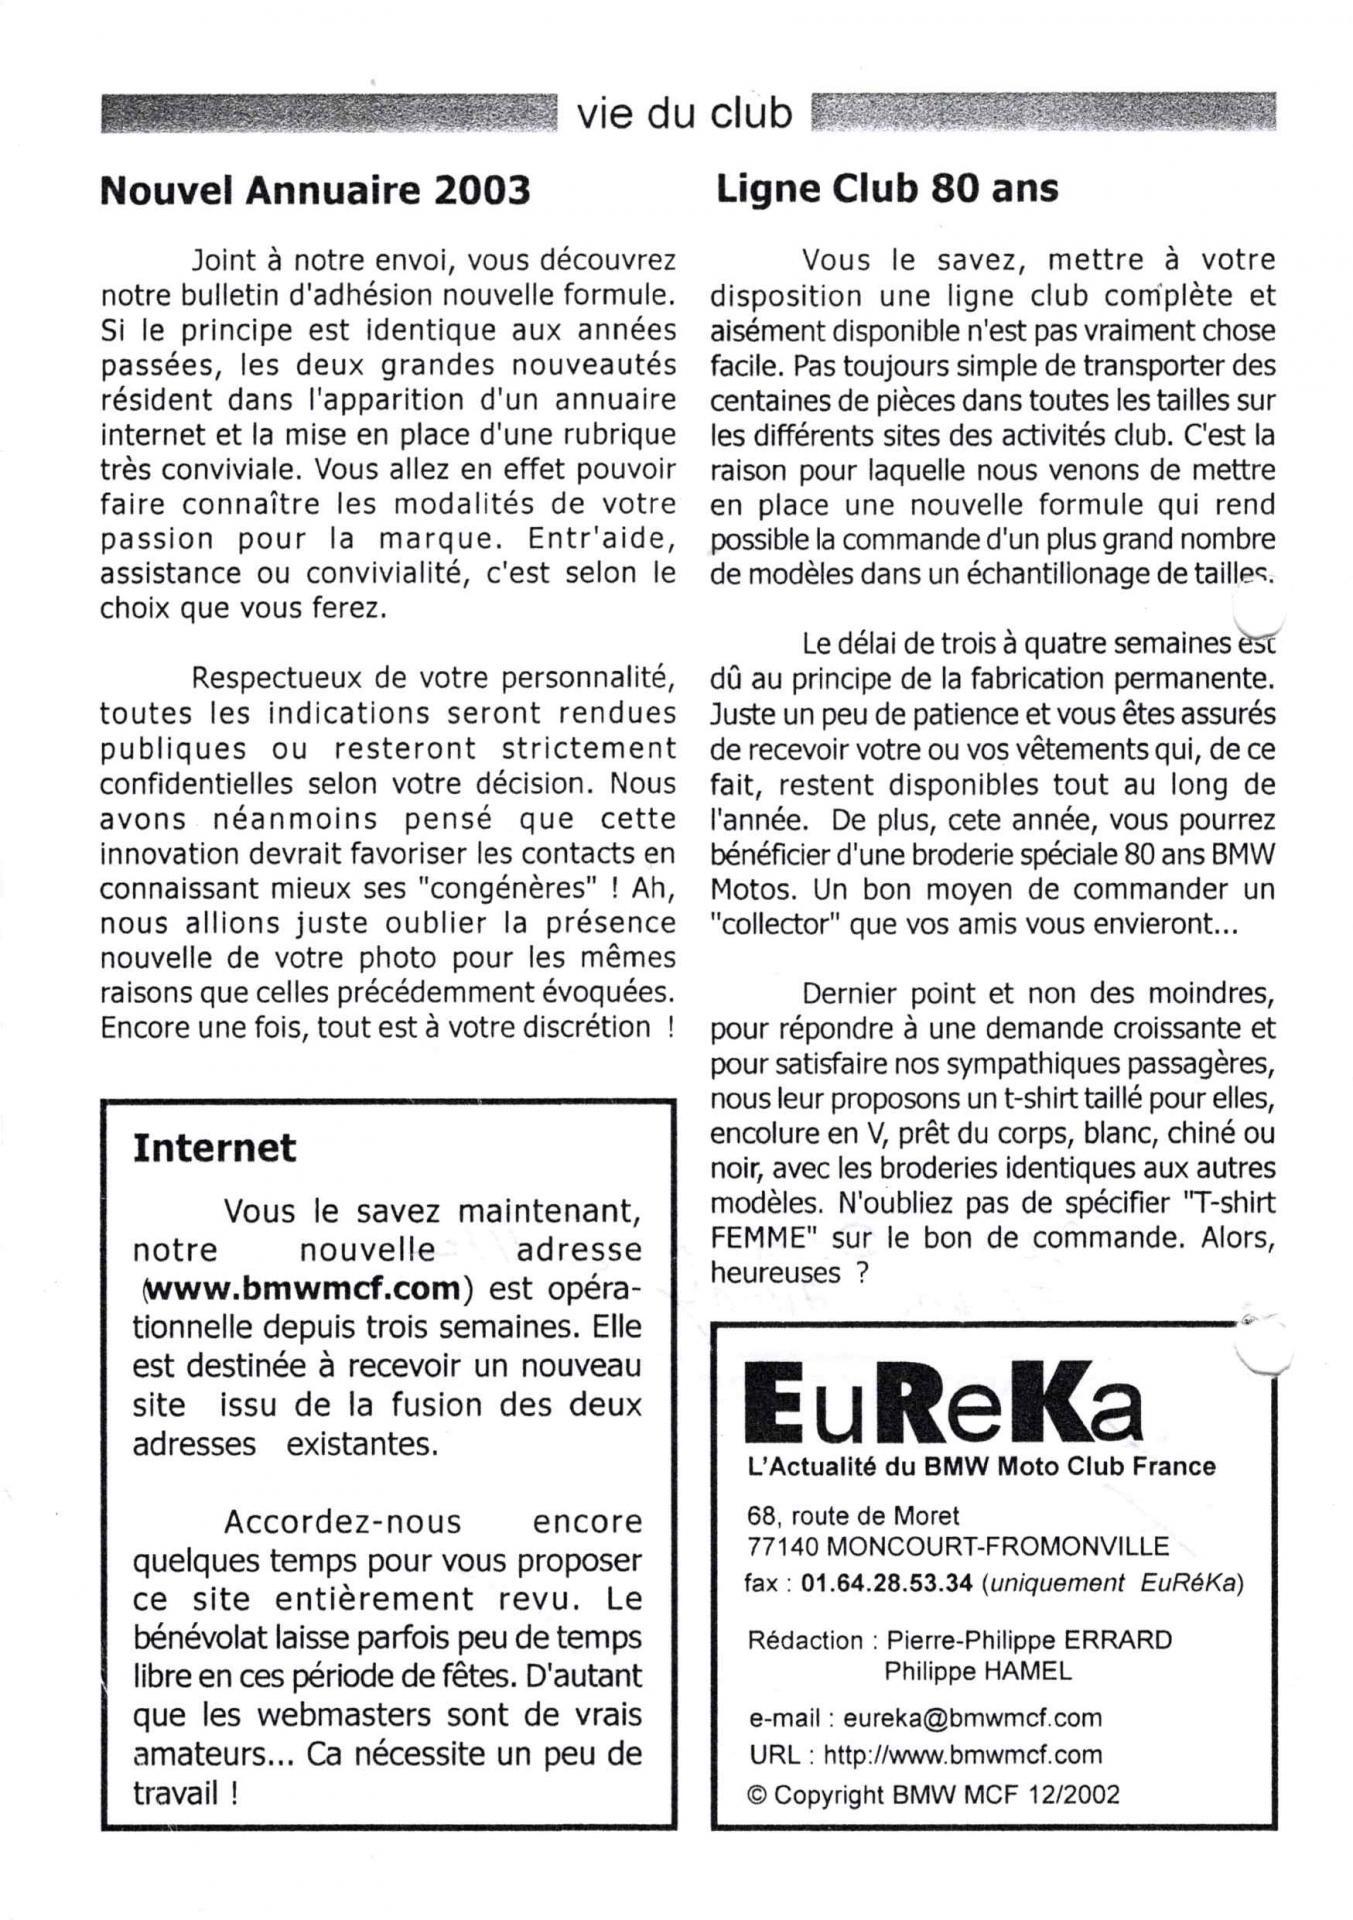 2002 12 eureka express 4